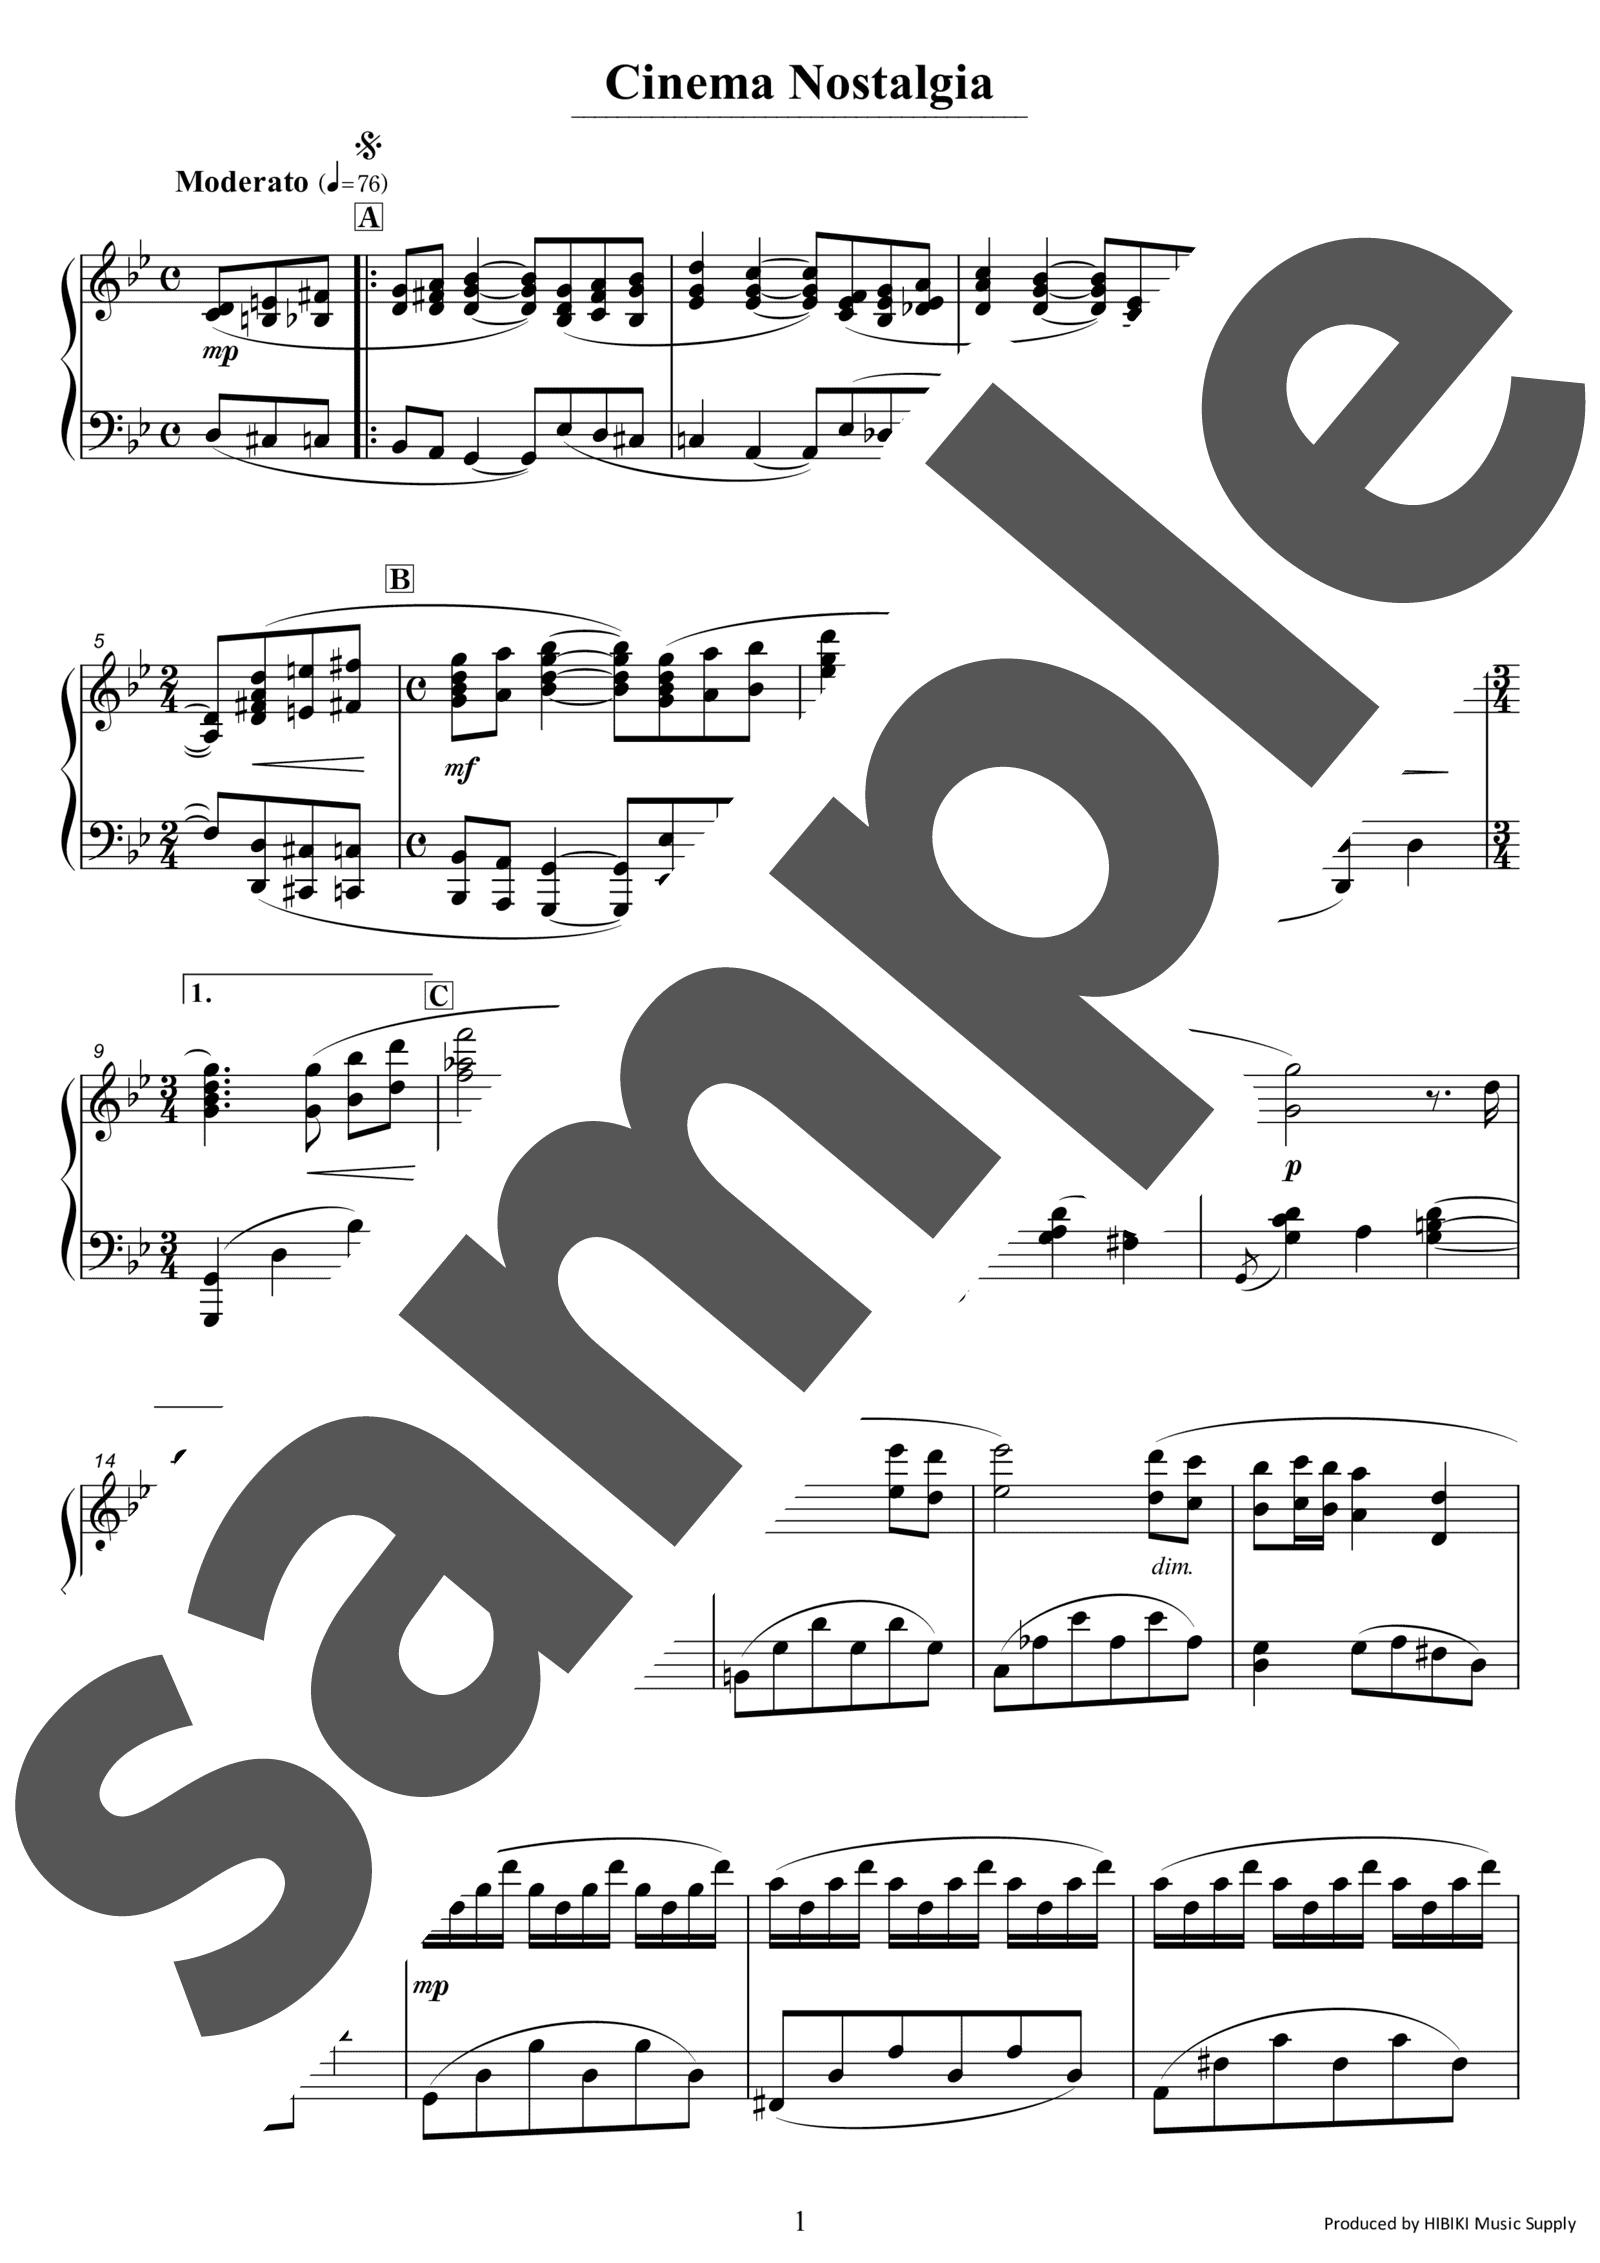 「シネマノスタルジィ」のサンプル楽譜